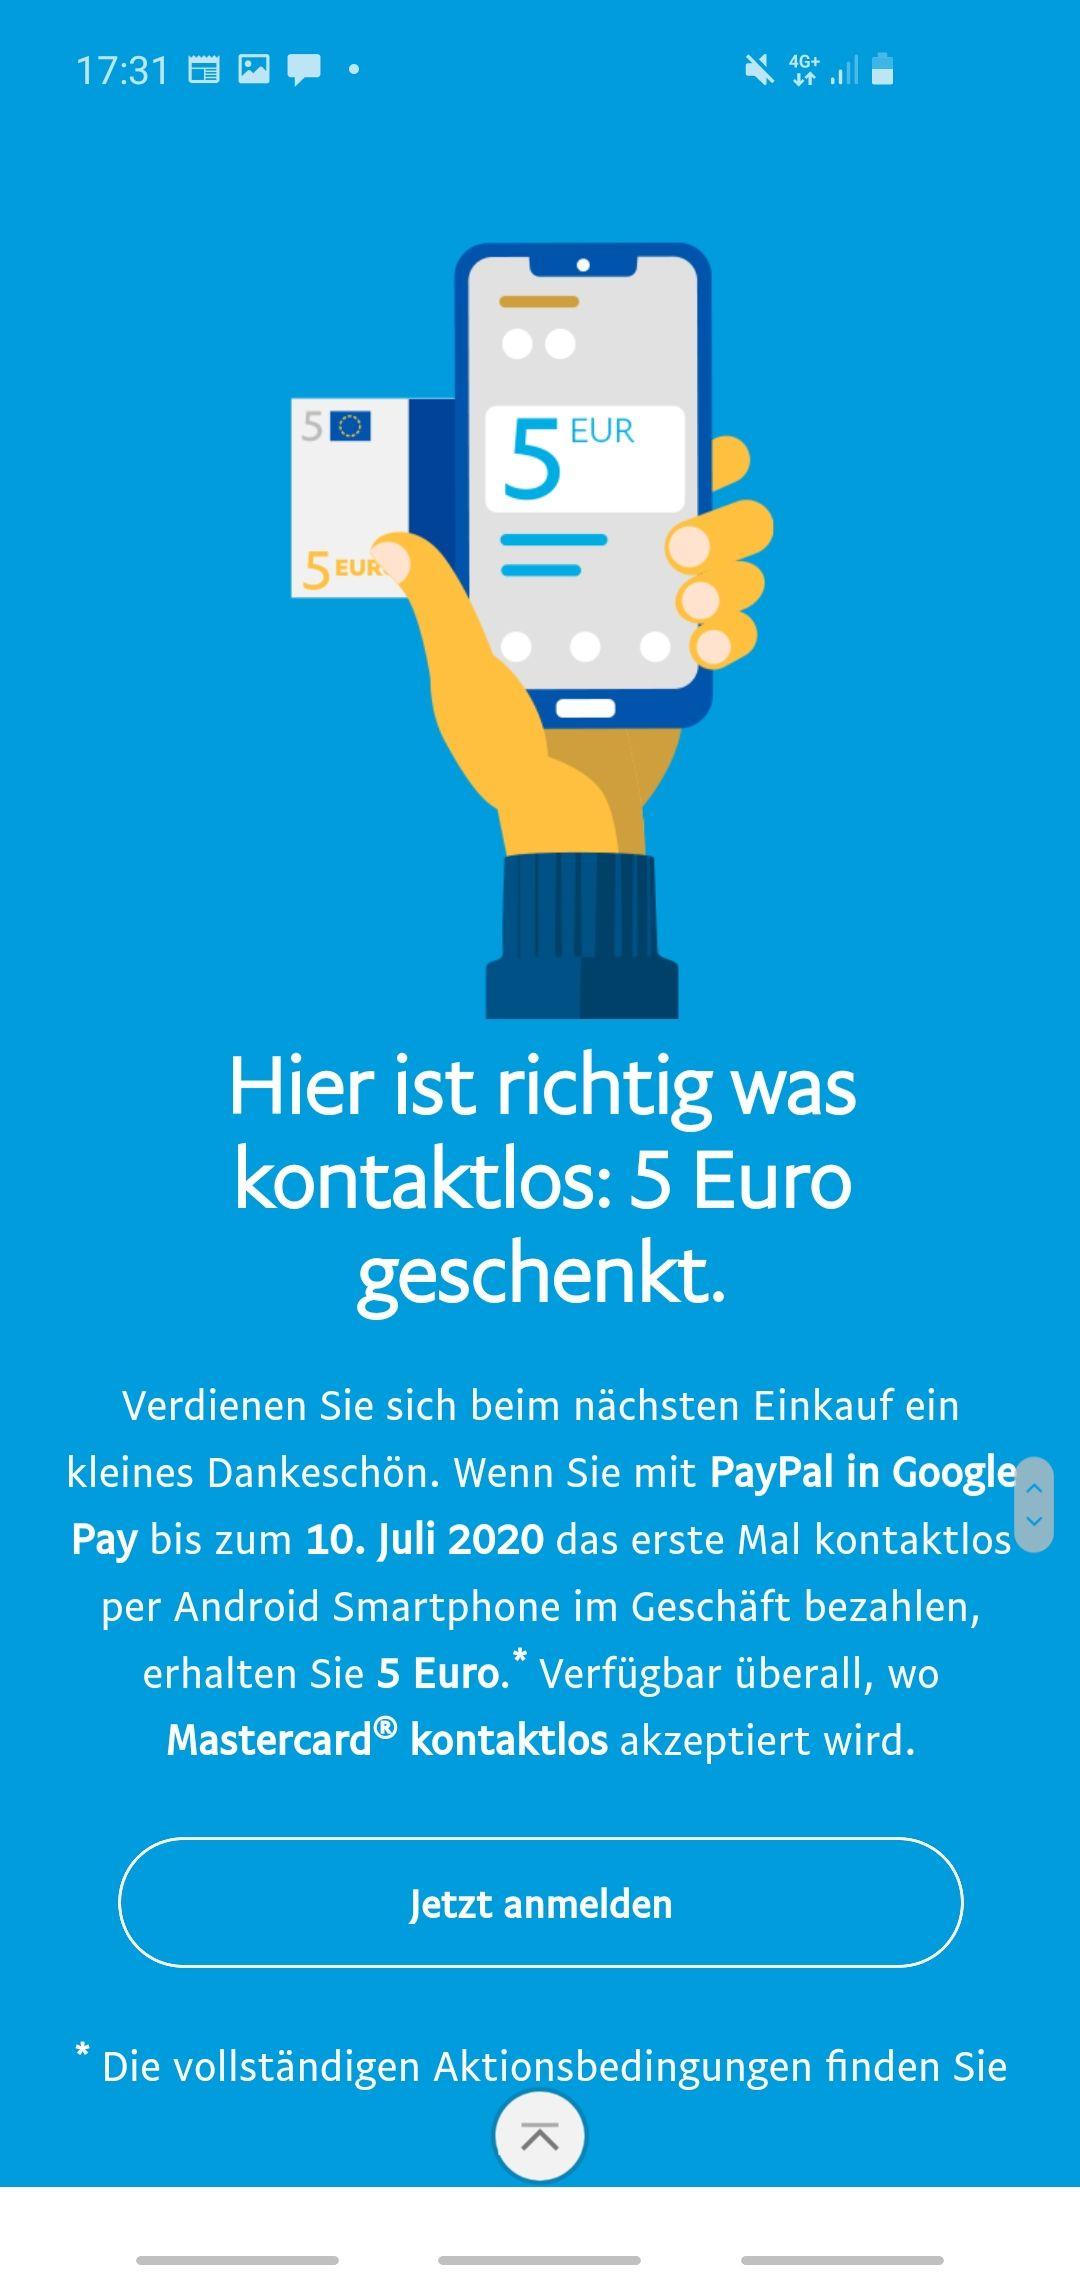 [Paypal] 5€ Erstattung durch erstmaliges Verwenden von Google Pay in diesem Jahr